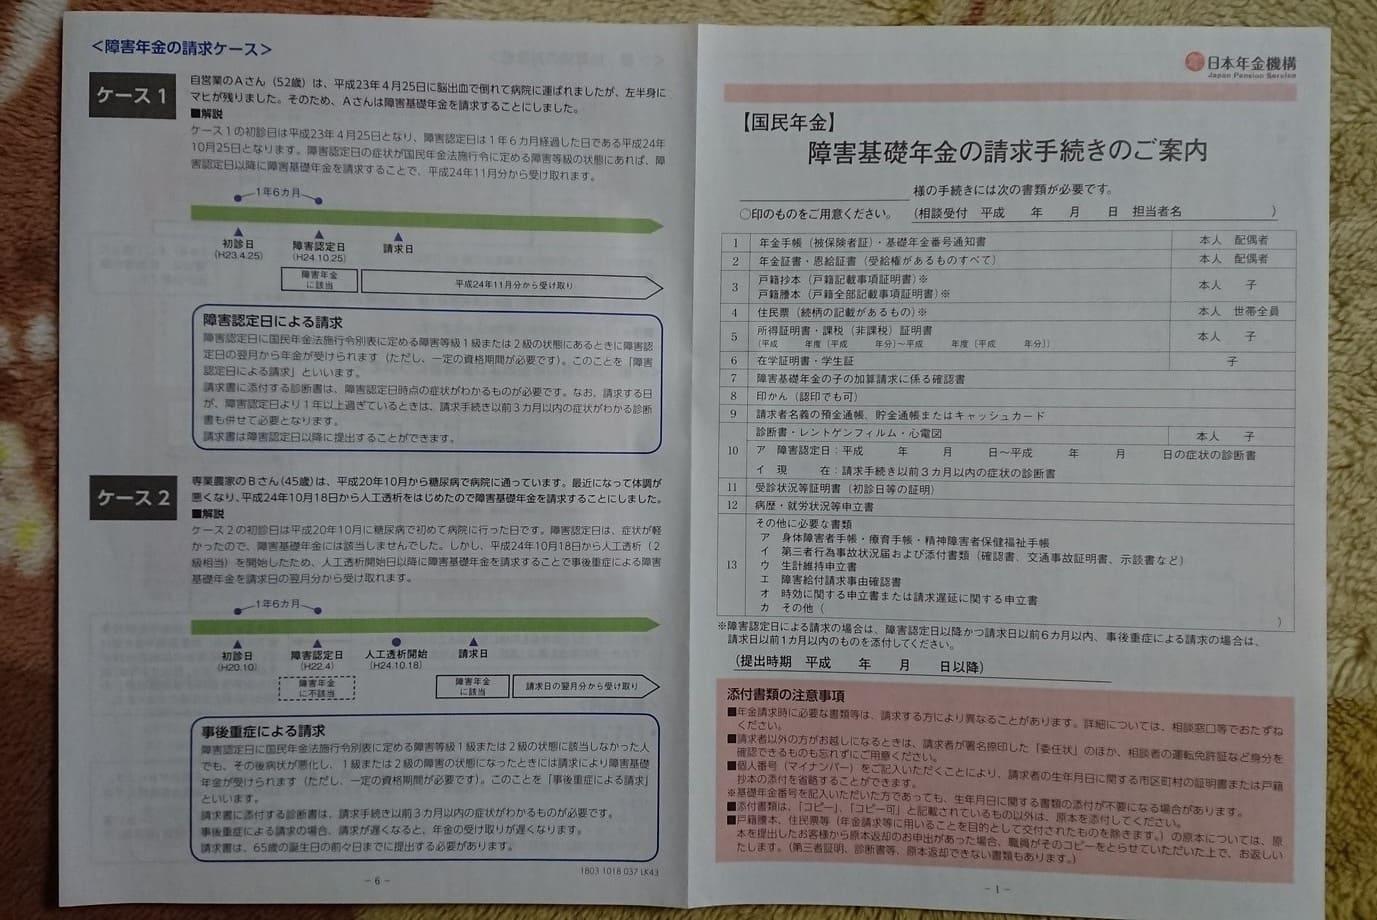 障害基礎年金請求手続き書類1